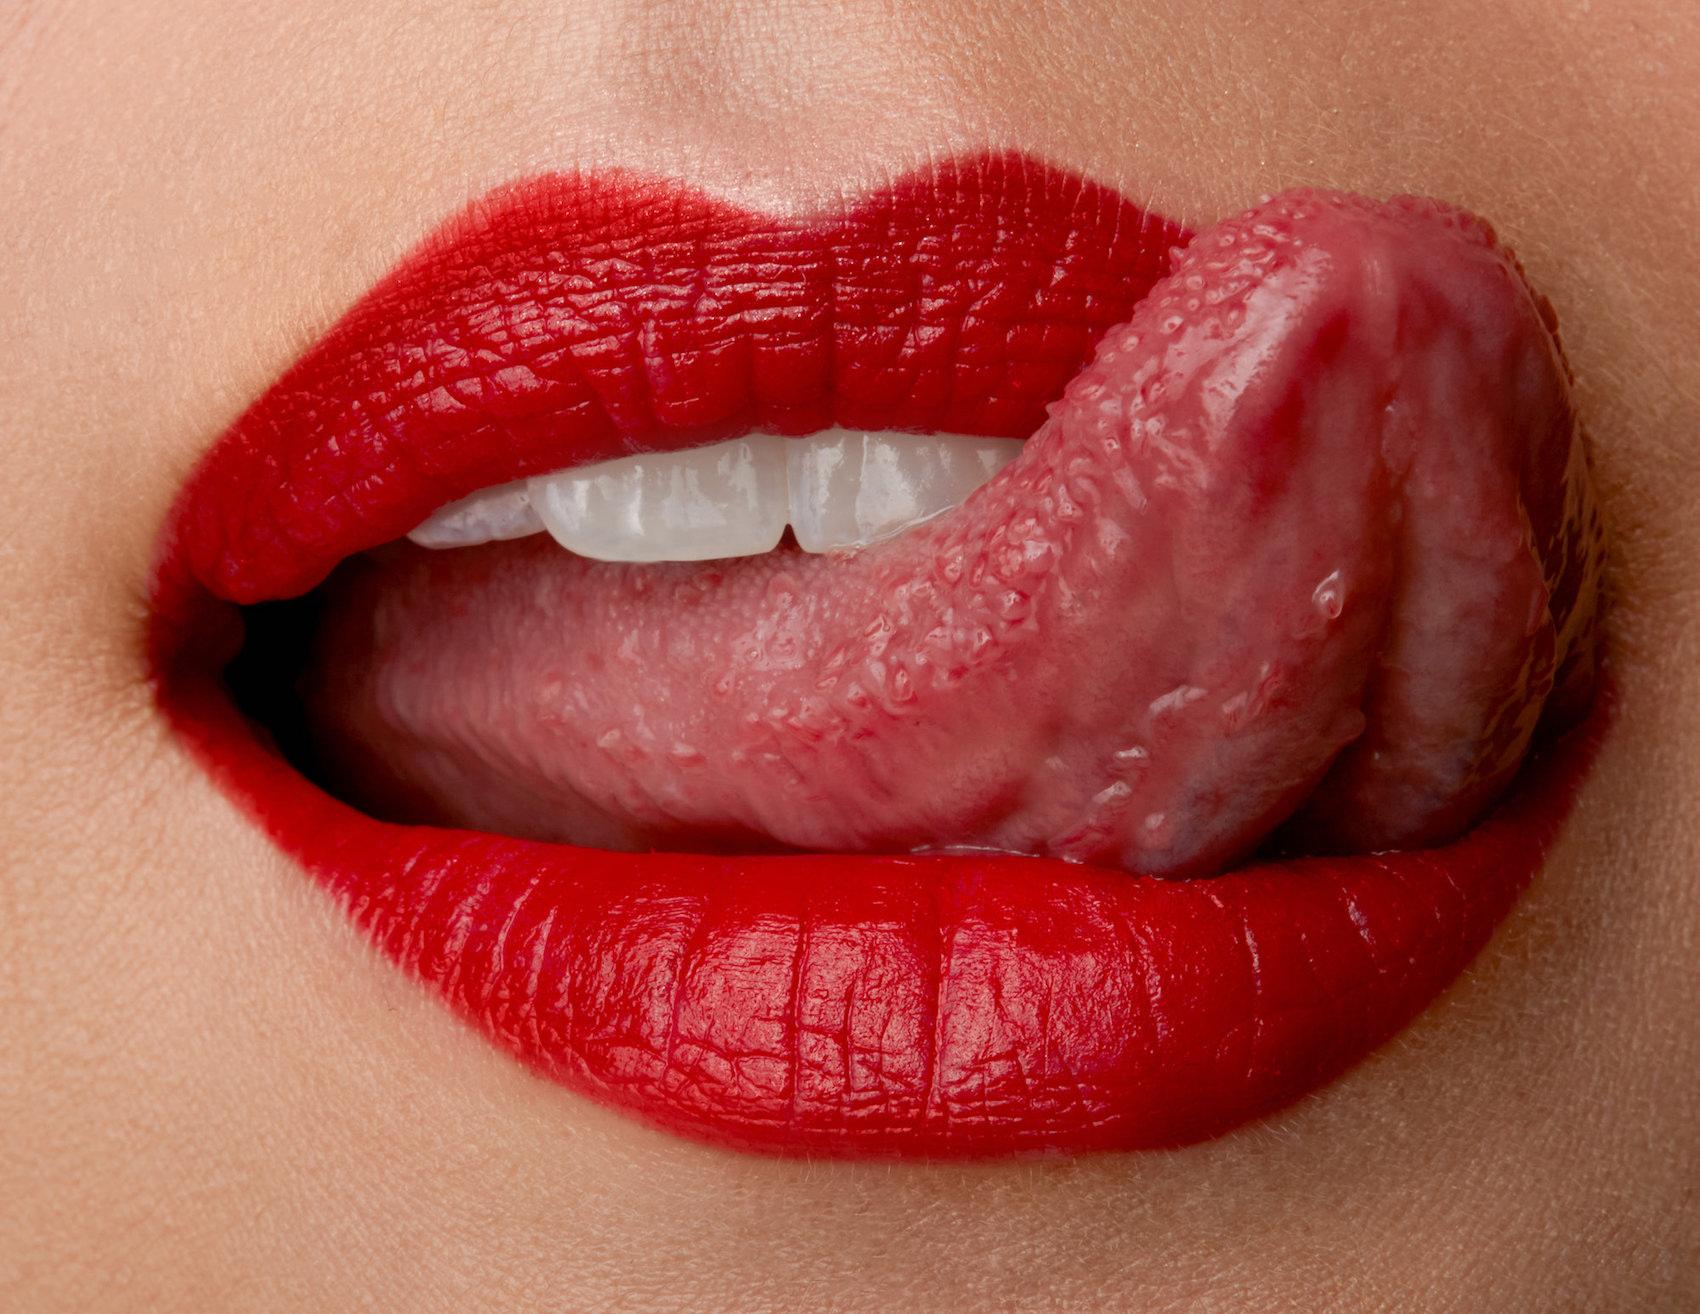 Lippen angemalt mit einem roten Lippenstift von Mac Cosmetics